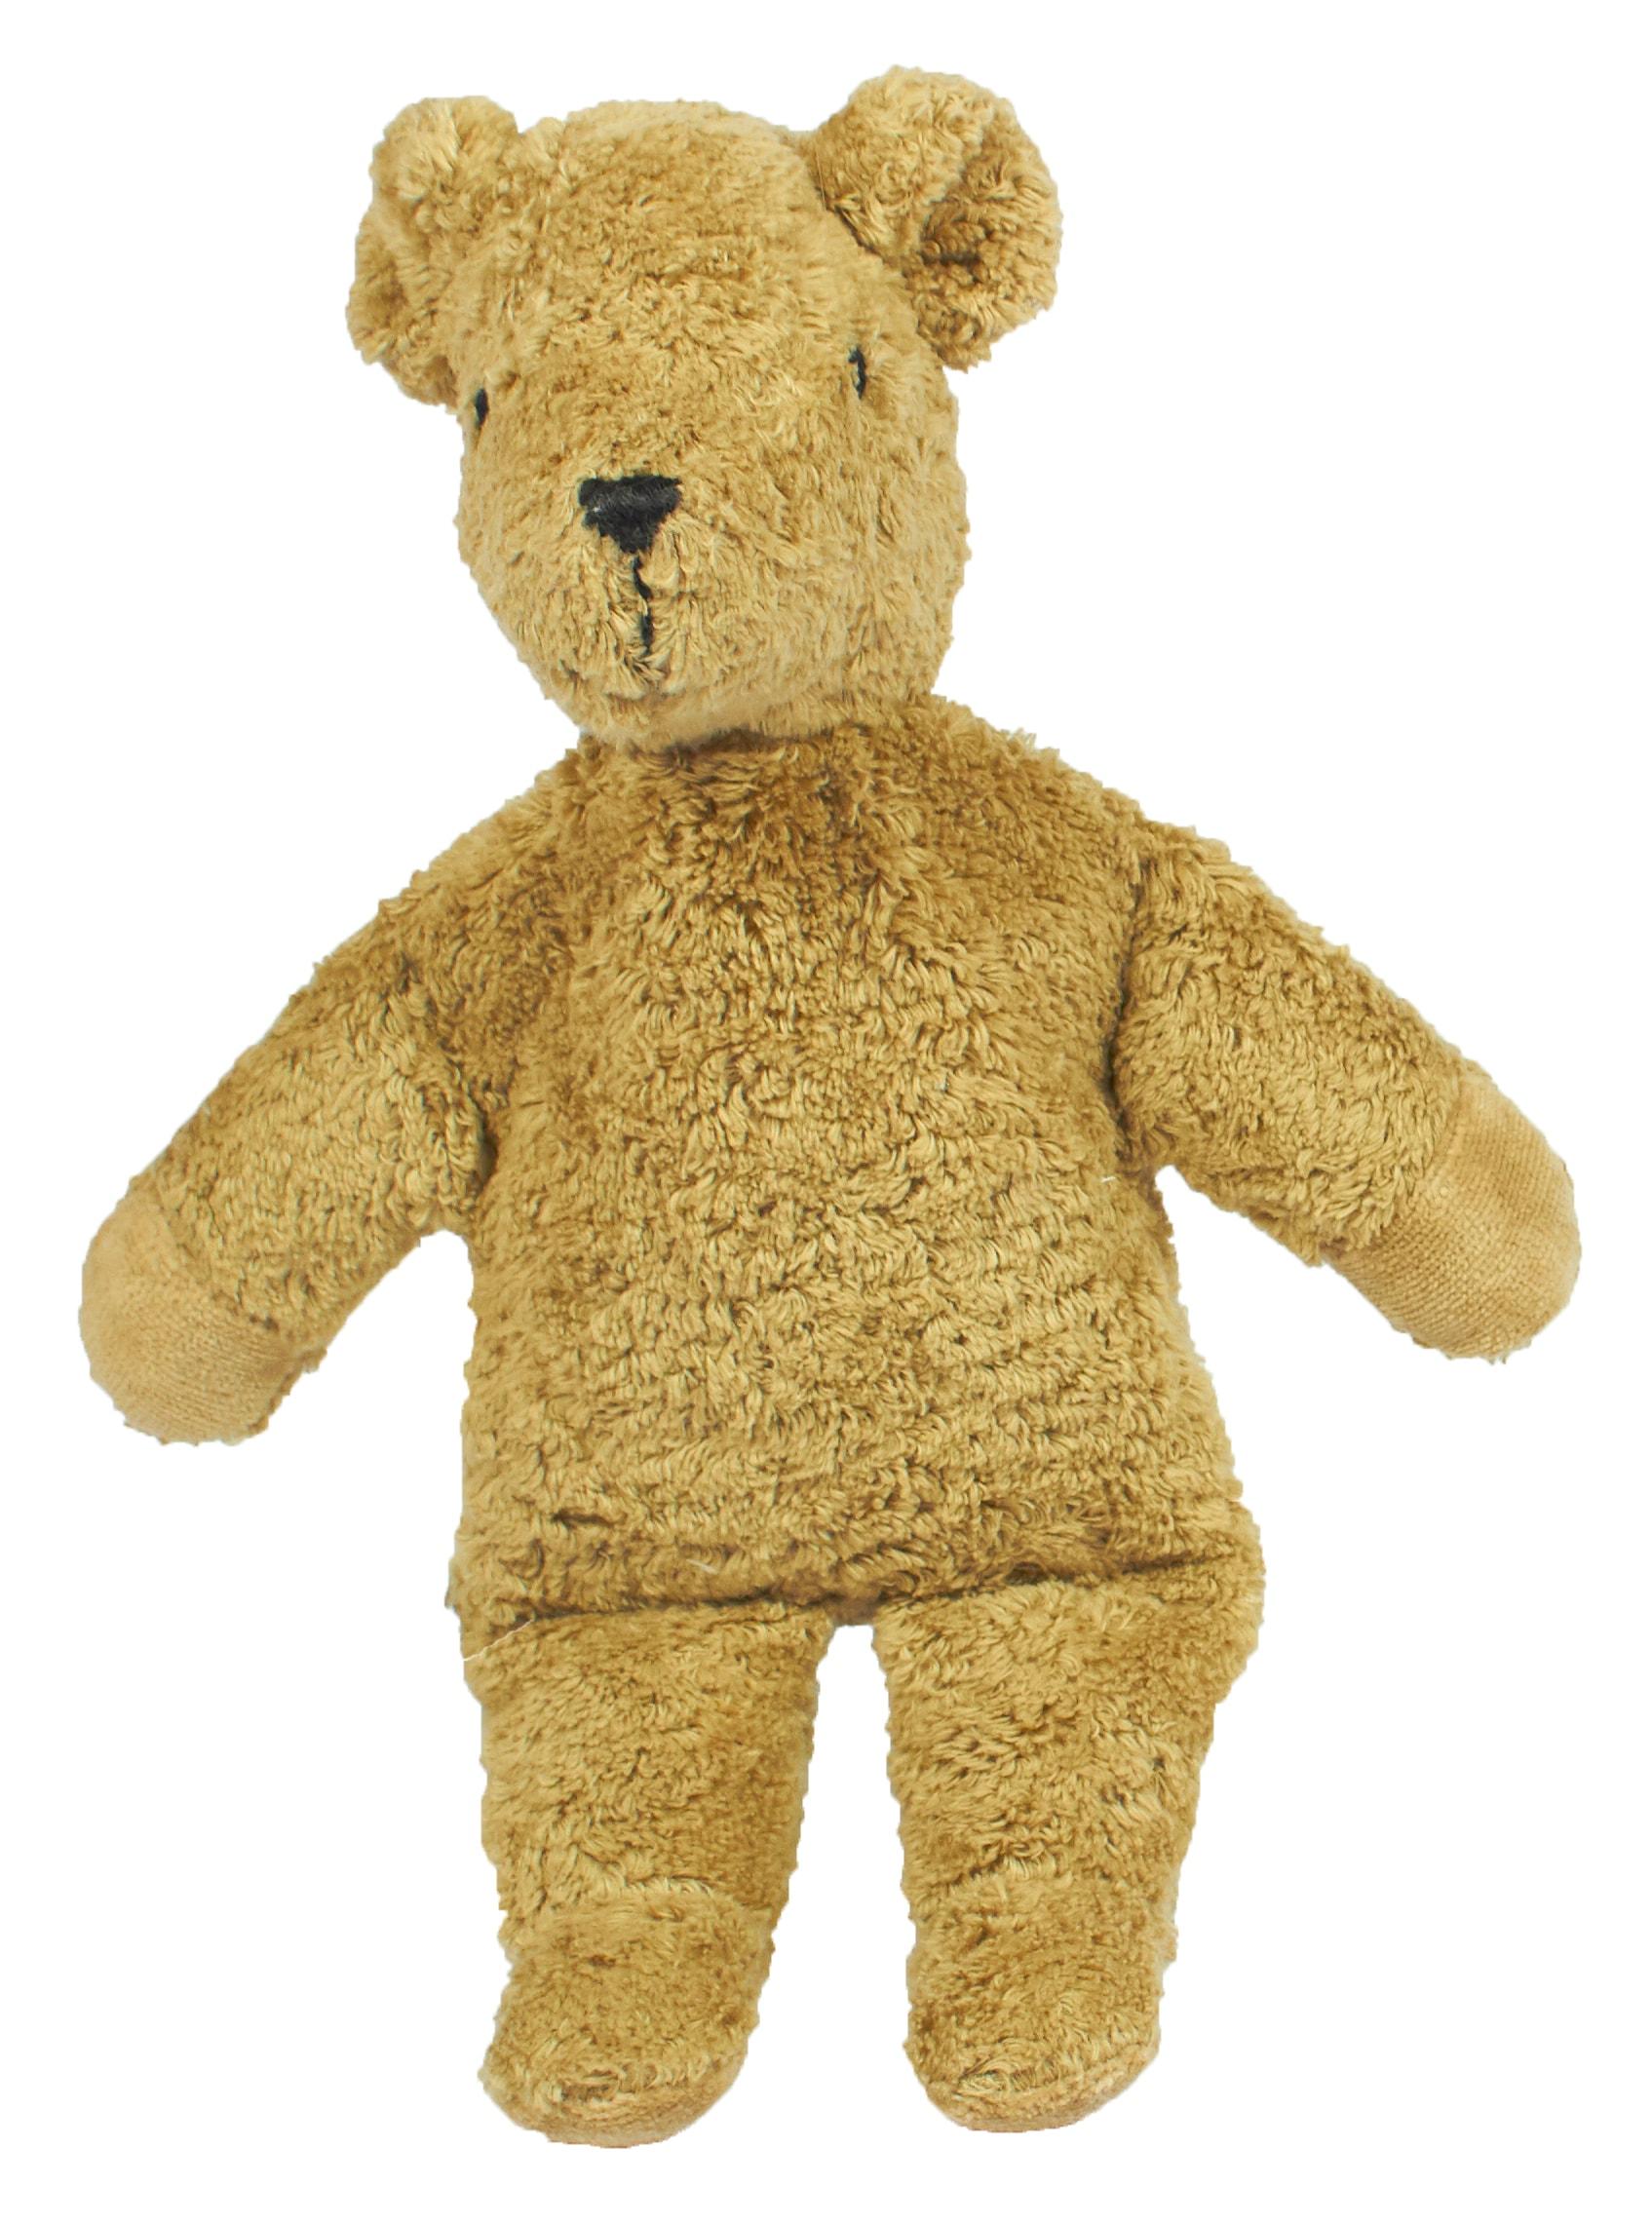 Senger Naturwelt cuddly animal bear